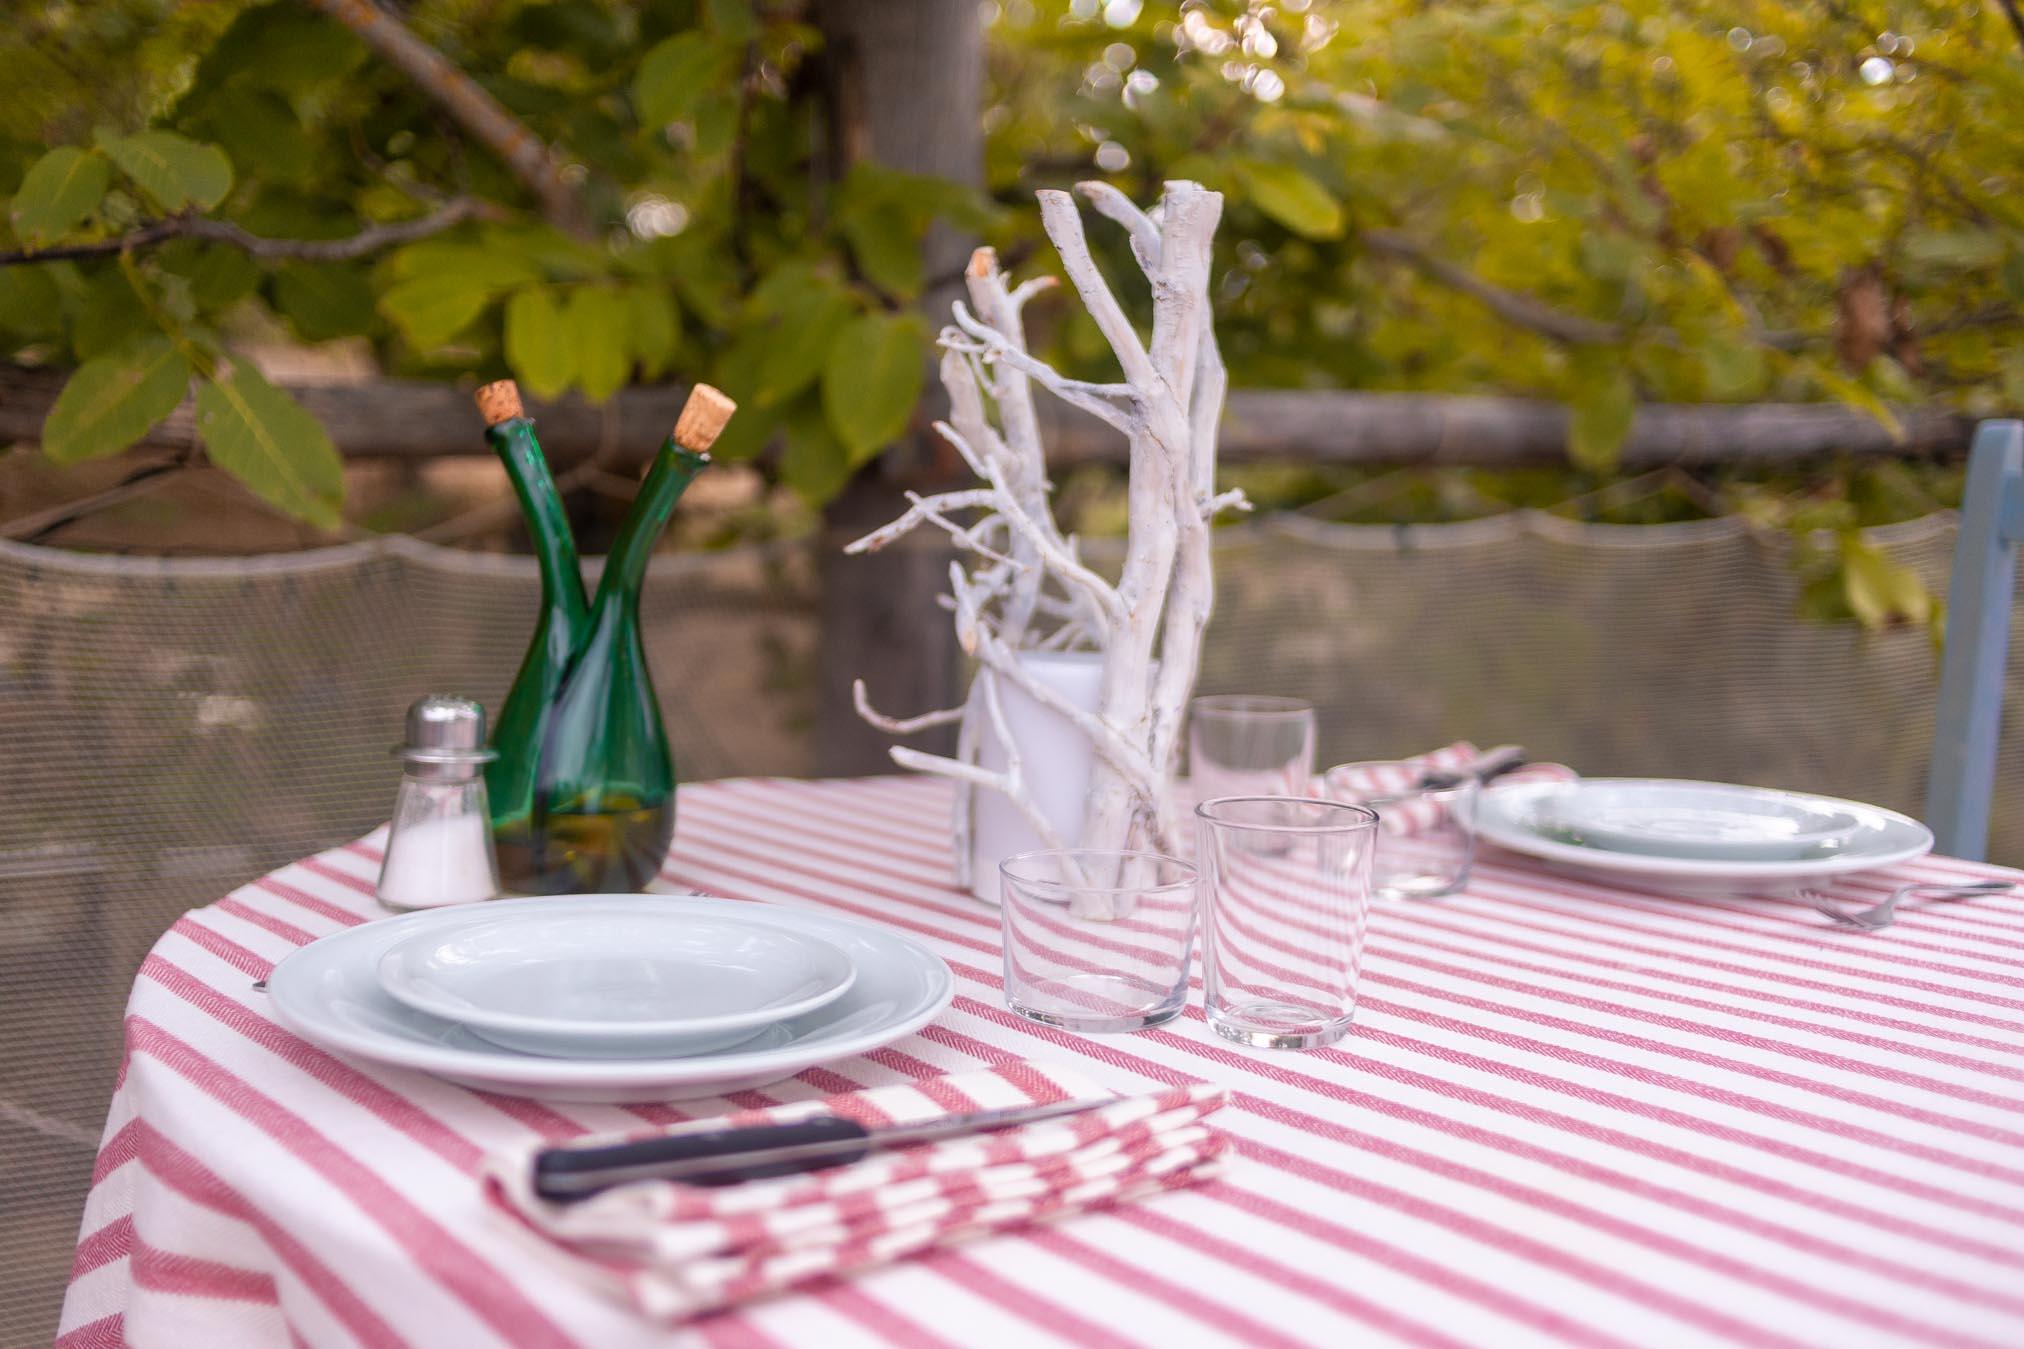 tavolo apparecchiato per la cena sull'albero